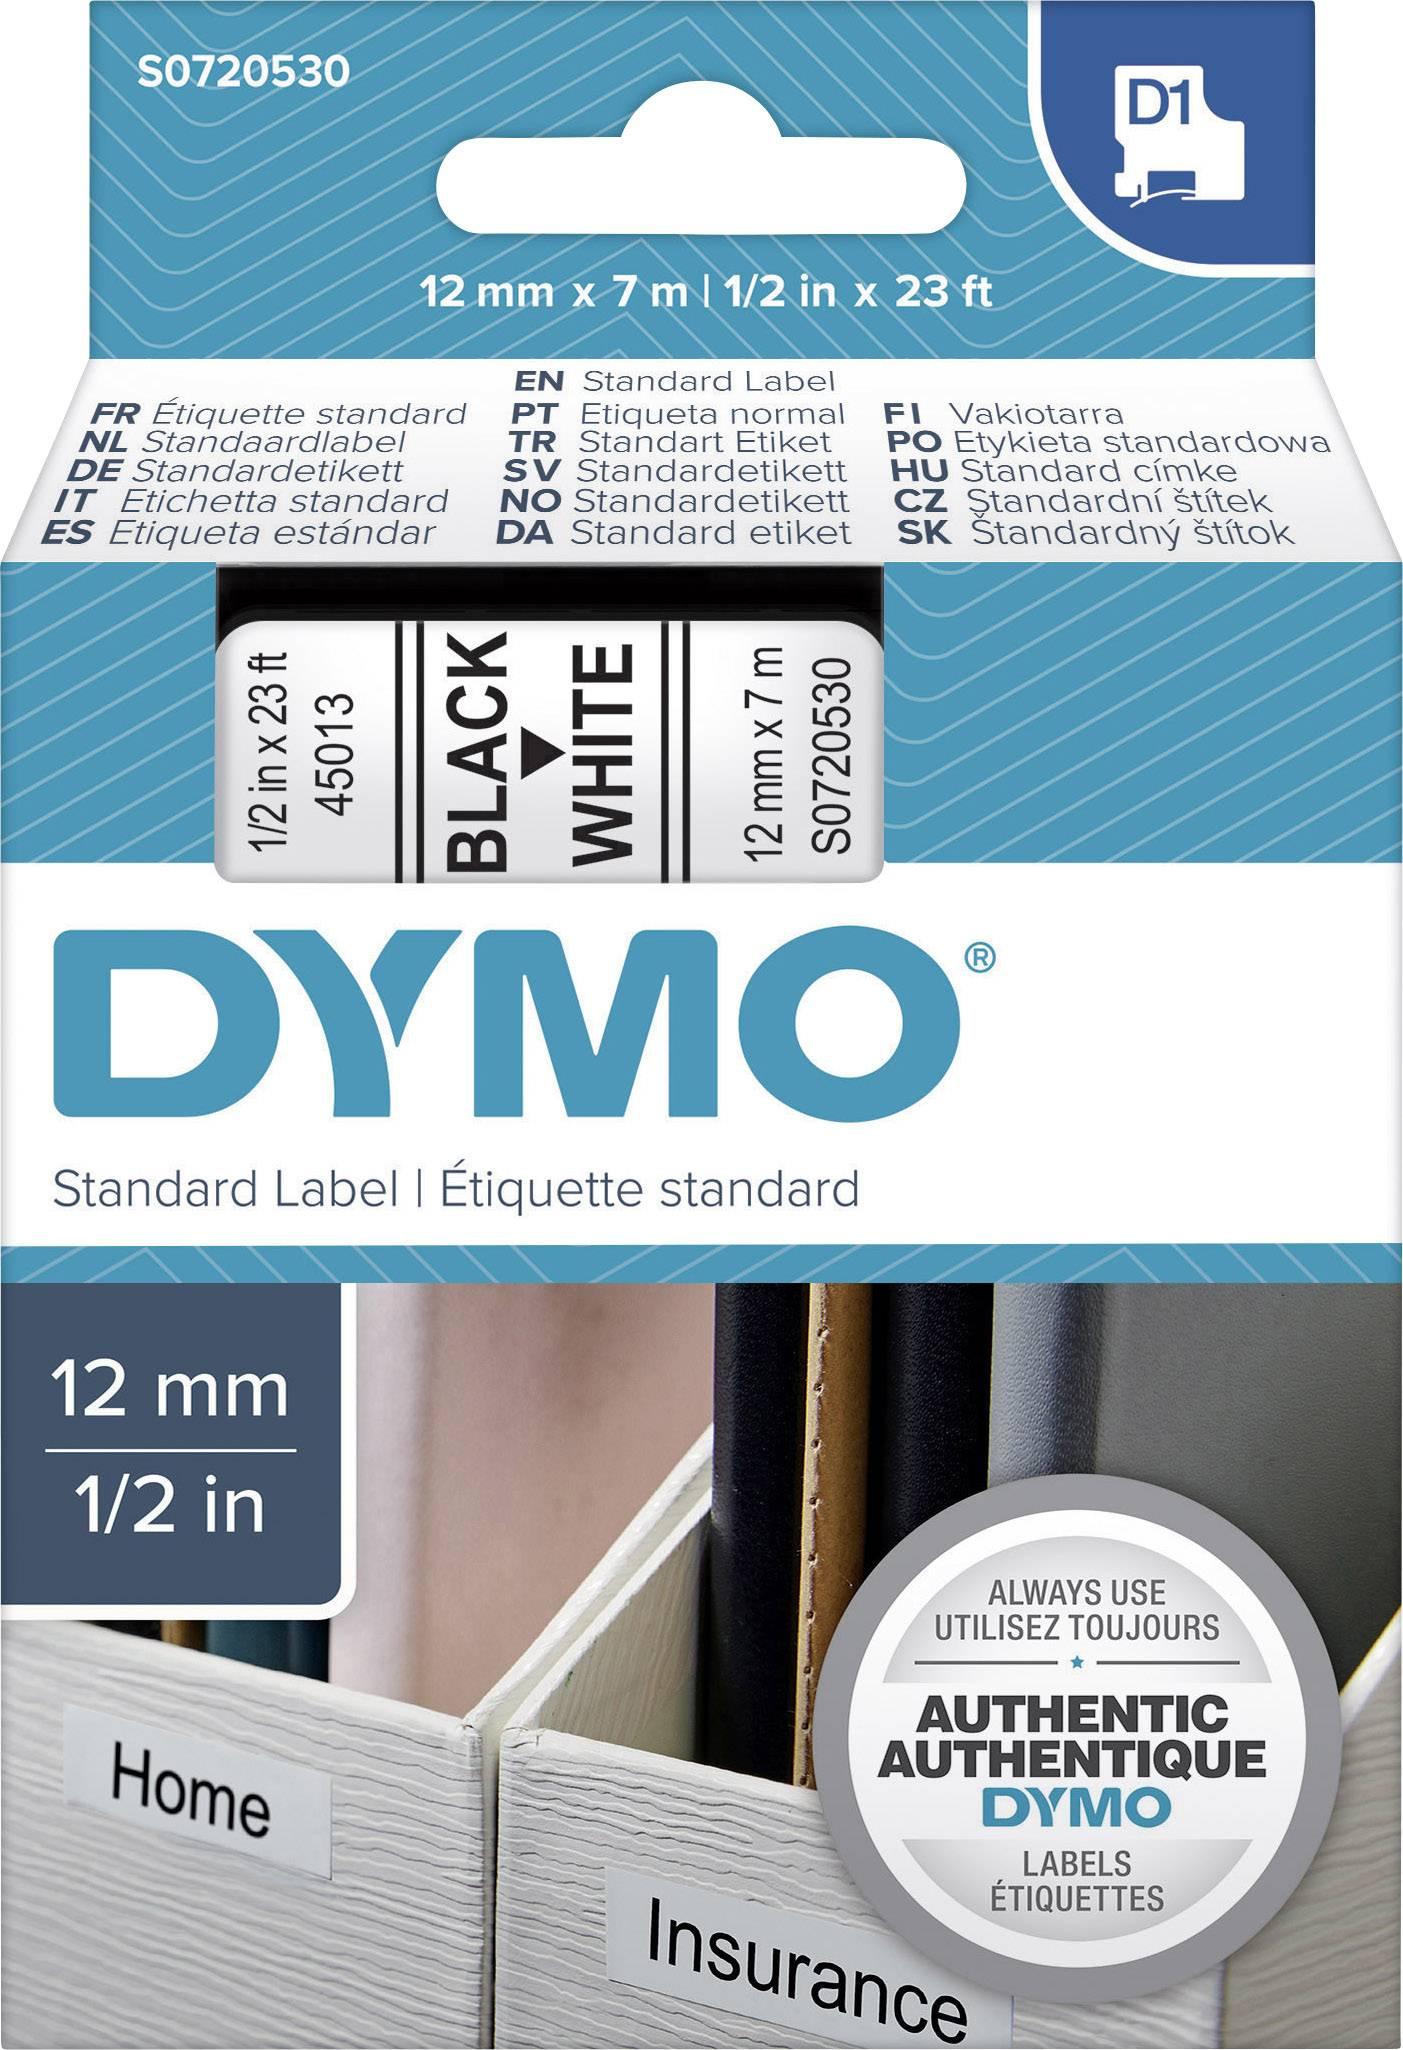 5 STÜCK DYMO D1 12mm x 7m INKLUSIVE VERSAND Farbband schwarz auf weiß